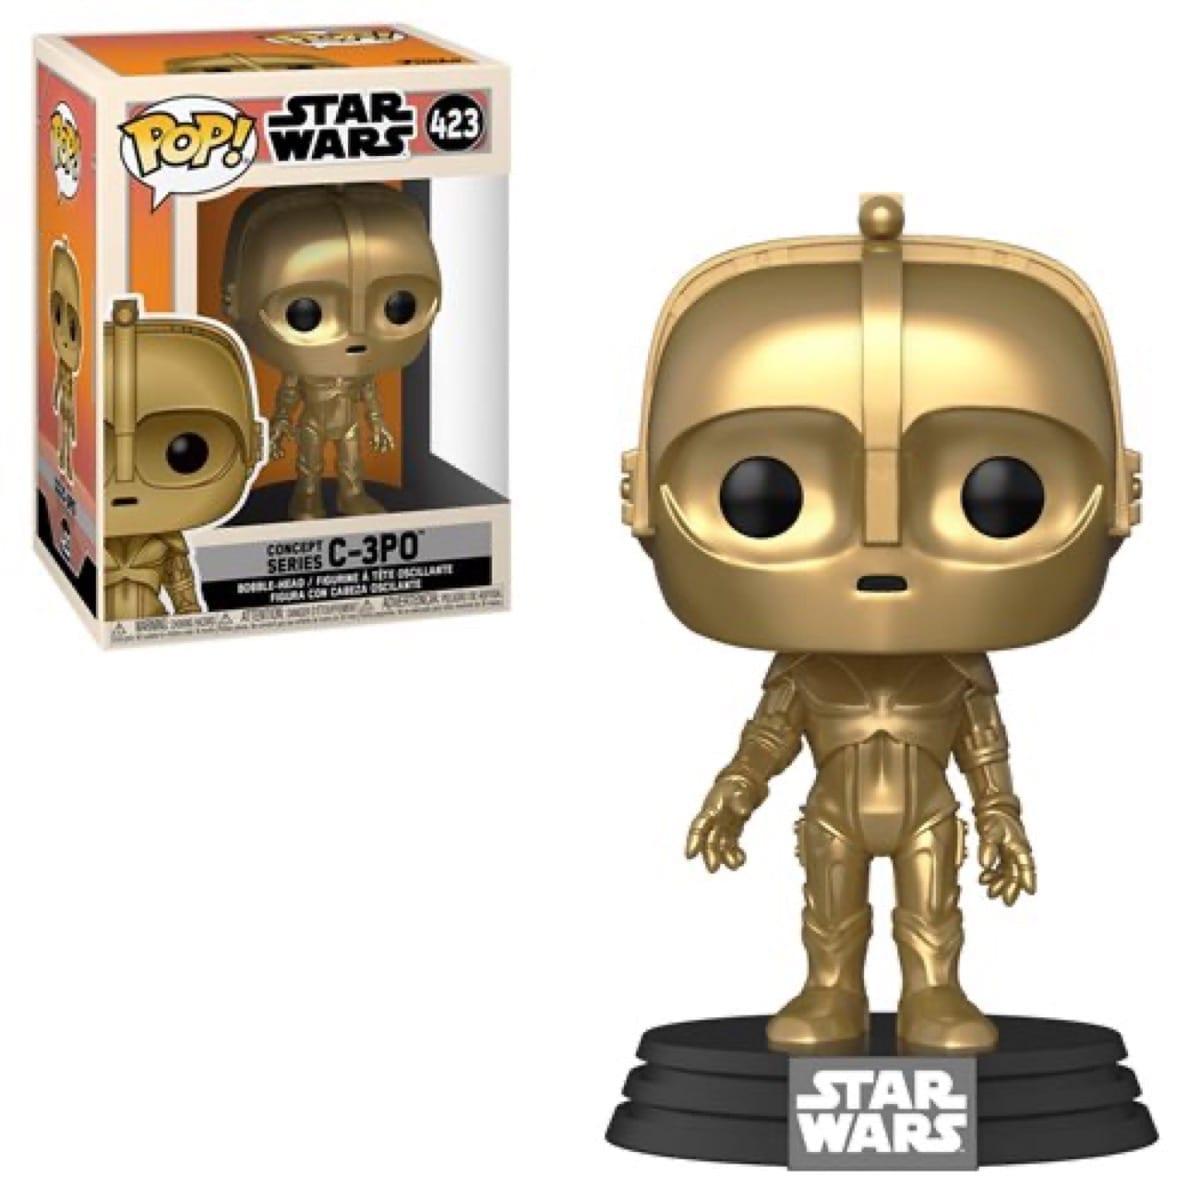 Figura C-3 PO Funko POP Star Wars Concept Seriees